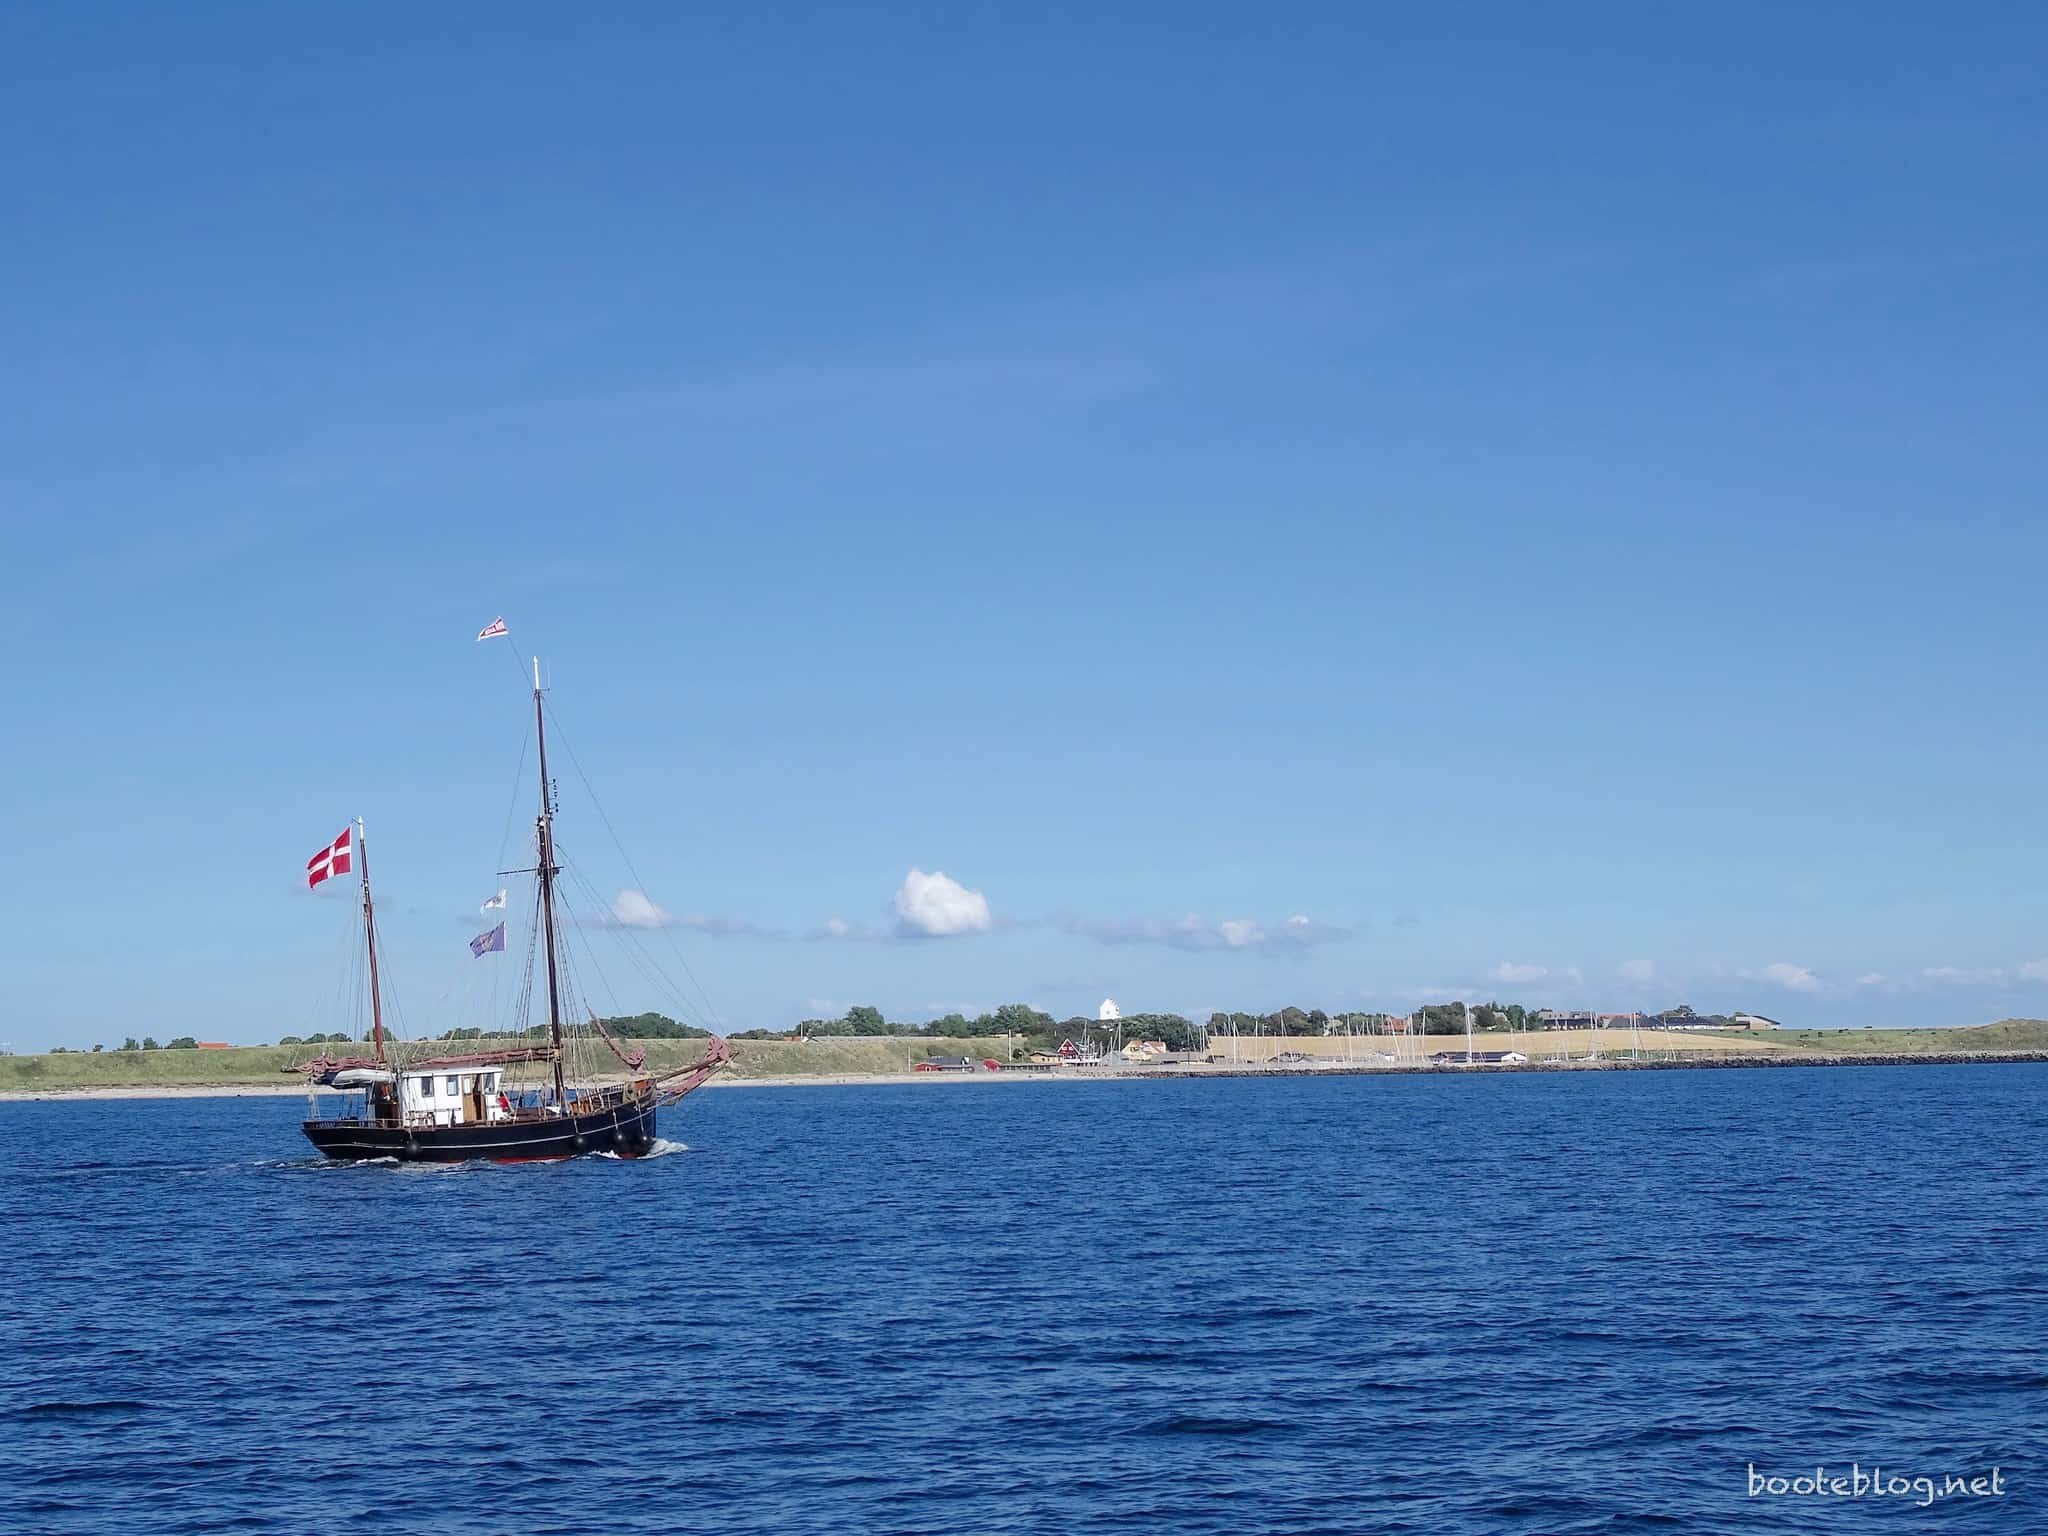 Tschüss, Sejerø, danke für einen schönen Tag!